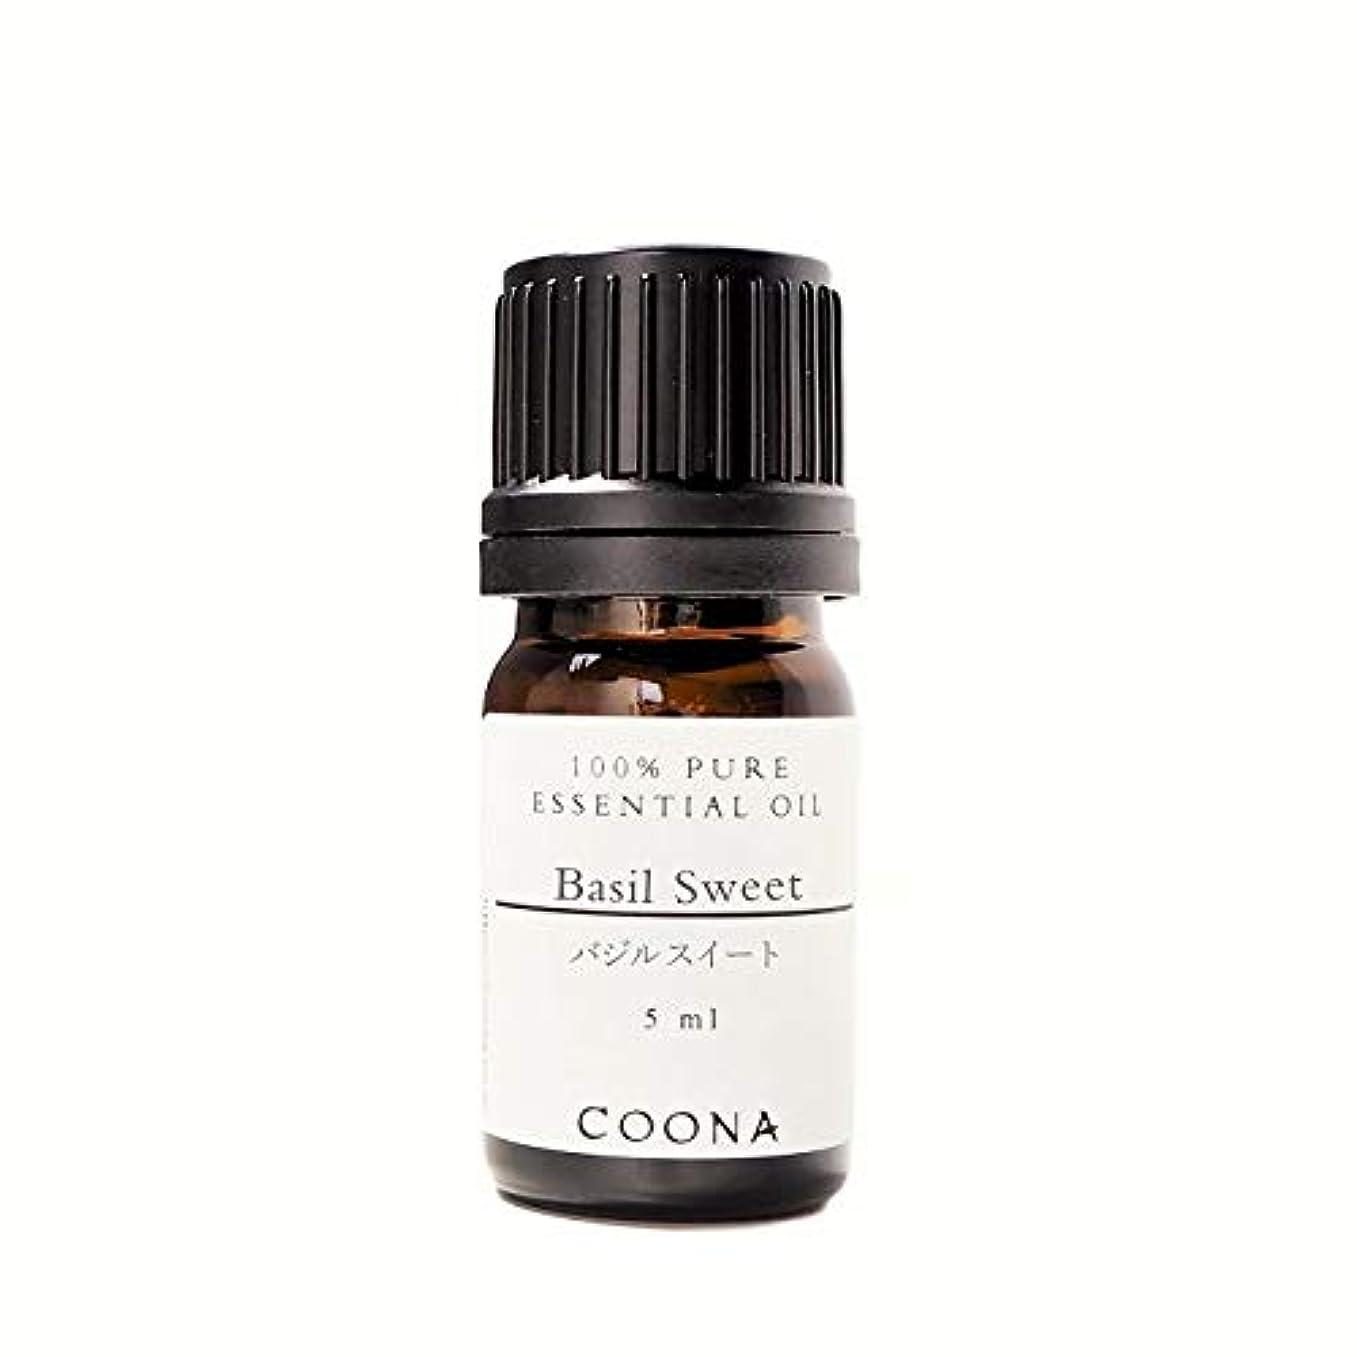 機転保護するマウスピースバジル スイート 5 ml (COONA エッセンシャルオイル アロマオイル 100%天然植物精油)